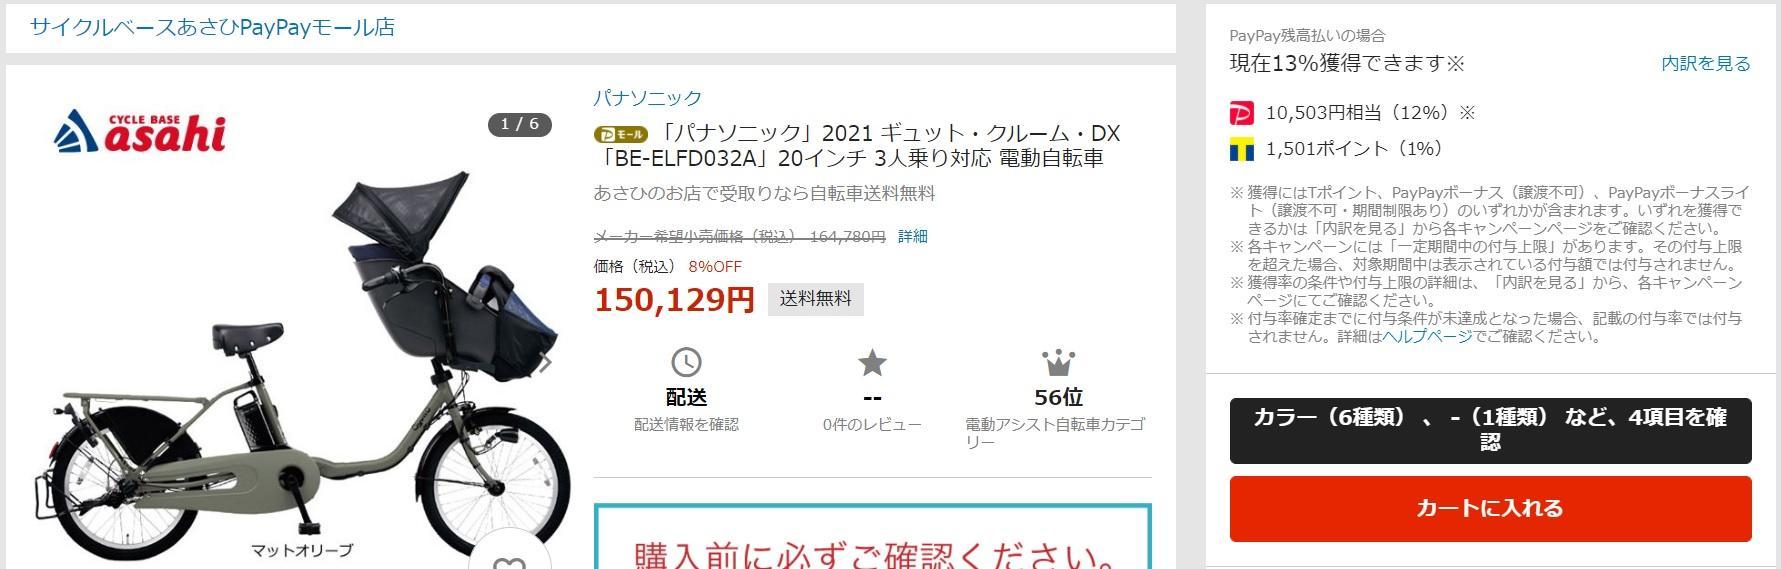 パナソニック電動自転車ギュットクルームDXのあさひ通販(Yahoo)価格とポイント還元